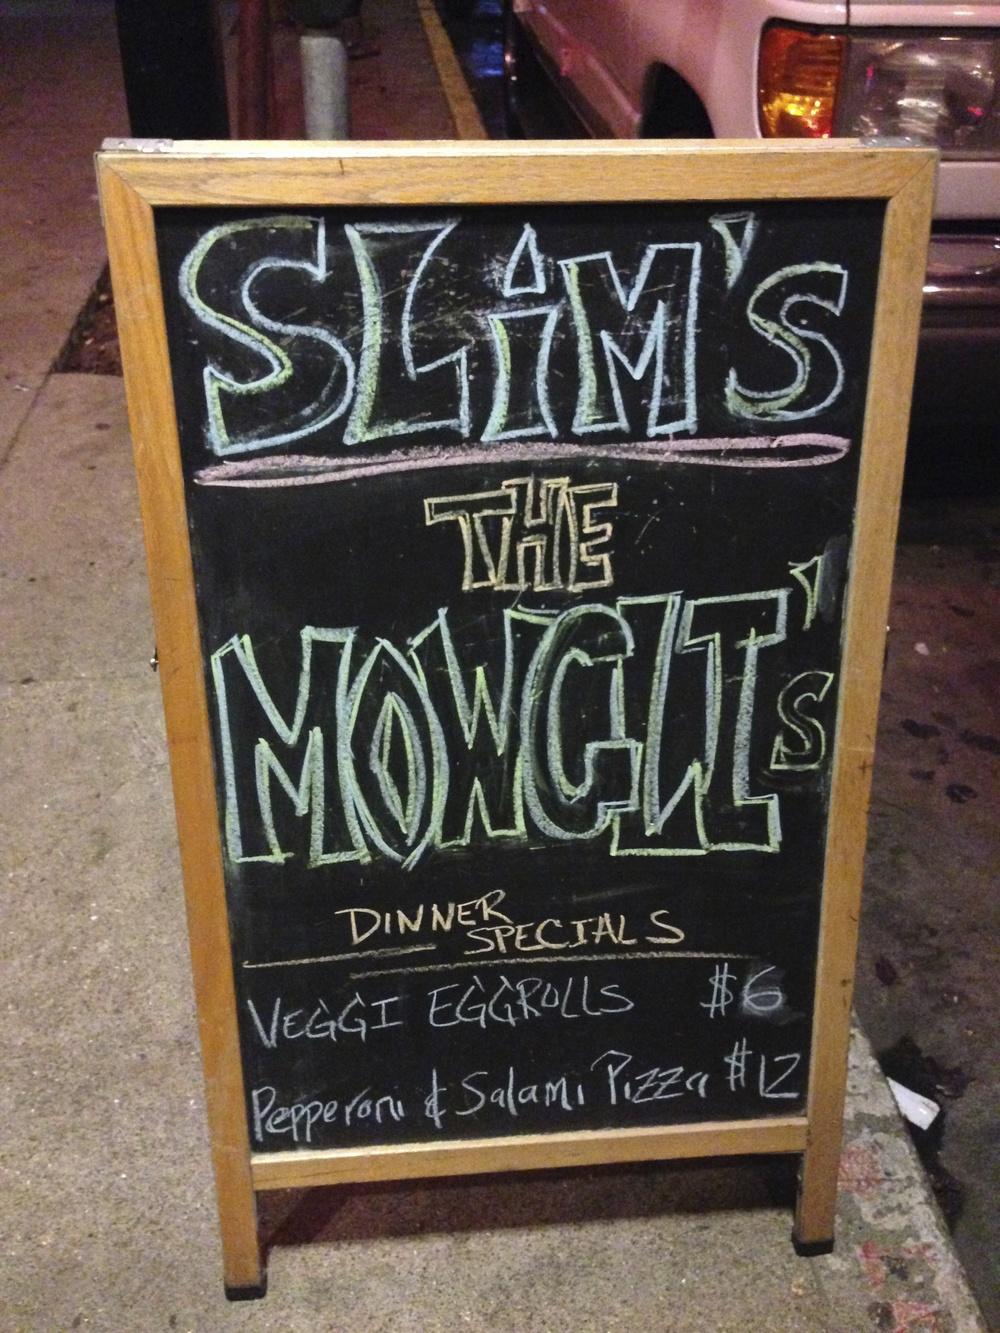 The Mowgli's at Slim's